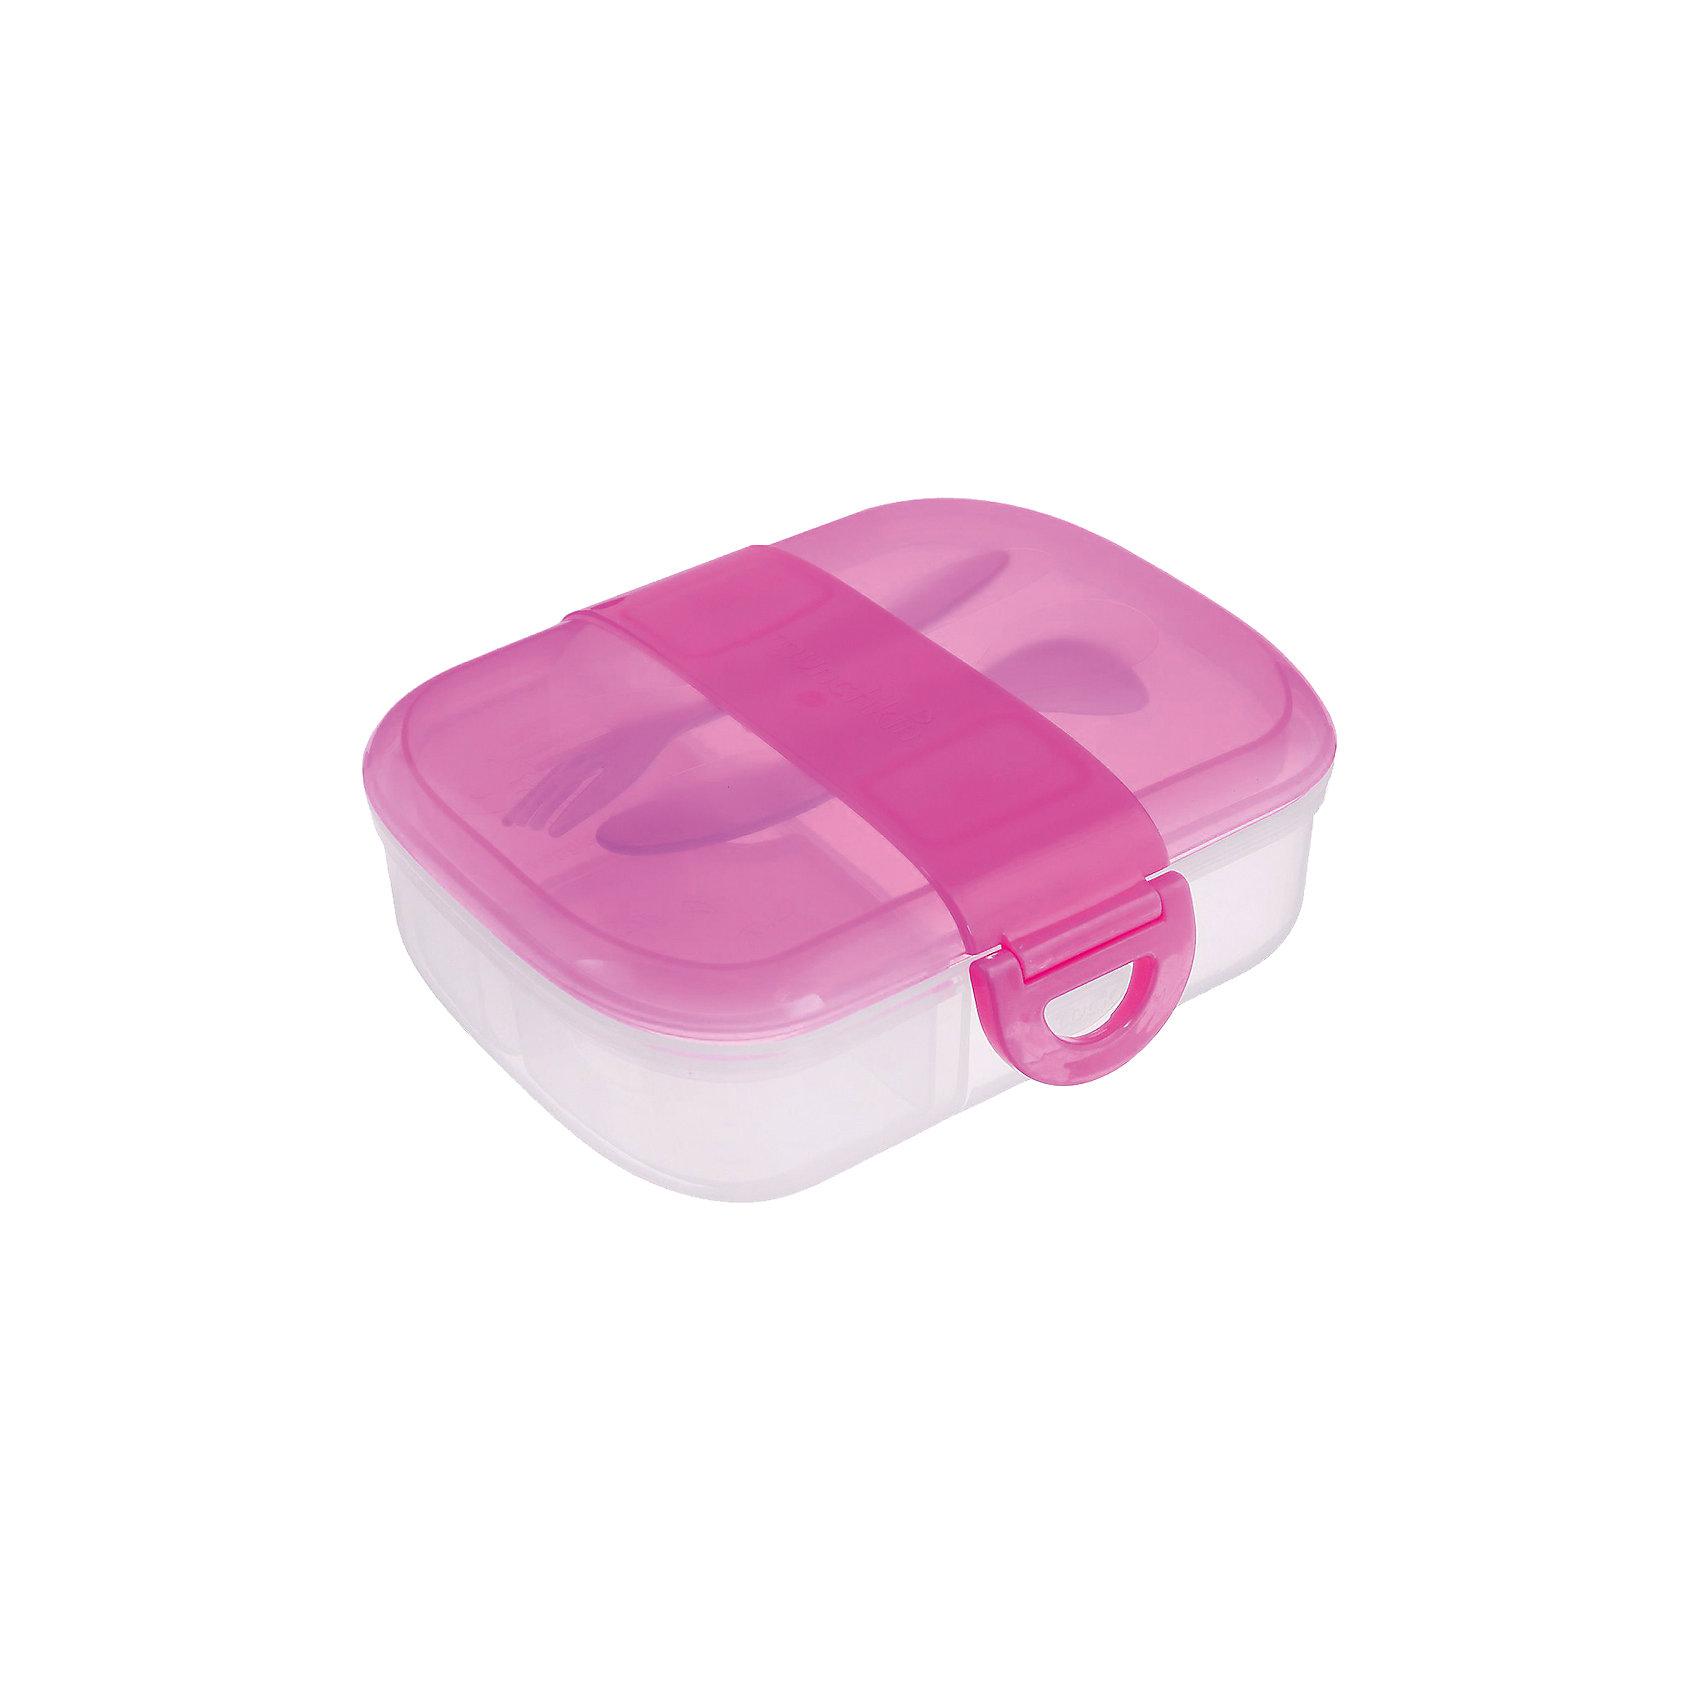 Контейнер для хранения с приборами, Munchkin, розовыйКонтейнер для хранения с приборами, Munchkin (Манчкин) – этот бокс превосходно сохраняет продукты и не дает им перемешиваться.<br>Контейнер для еды Munchkin (Манчкин) выполнен из пластика, не содержит бисфенол А. Контейнер идеально подходит для однодневных поездок, детского сада и дошкольных учреждений. Внутри бокс разделен на 2 маленьких отделения по 118 мл и одно большое. Таким образом, пища не будет смешиваться и для всего найдется удобное место. Крышка с блокировкой помогает предотвратить разливы и рассыпание продуктов. В комплекте имеются приборы: ложка и вилка с закруглёнными краями. Приборы удобно крепятся на крышку контейнера. На дне контейнера можно написать имя ребенка, чтобы малыш не перепутал его в садике или школе. Начиная с 3-х лет, ребенок может пользоваться боксом самостоятельно. Контейнер можно мыть на верхней полке посудомоечной машины.<br><br>Дополнительная информация:<br><br>- Цвет в ассортименте<br>- Материал: пластик<br>- Размер контейнера: 19 х 5 х 14 см.<br>- Размер упаковки: 9 х 17 х 19 см.<br>- Вес: 300 г.<br>- ВНИМАНИЕ! Данный товар представлен в ассортименте. К сожалению, предварительный выбор невозможен. При заказе нескольких единиц данного товара, возможно получение одинаковых<br><br>Контейнер для хранения питания с крышками, ложкой и  вилкой, Munchkin (Манчкин) можно купить в нашем интернет-магазине.<br><br>Ширина мм: 170<br>Глубина мм: 190<br>Высота мм: 90<br>Вес г: 300<br>Возраст от месяцев: 9<br>Возраст до месяцев: 36<br>Пол: Унисекс<br>Возраст: Детский<br>SKU: 5101198